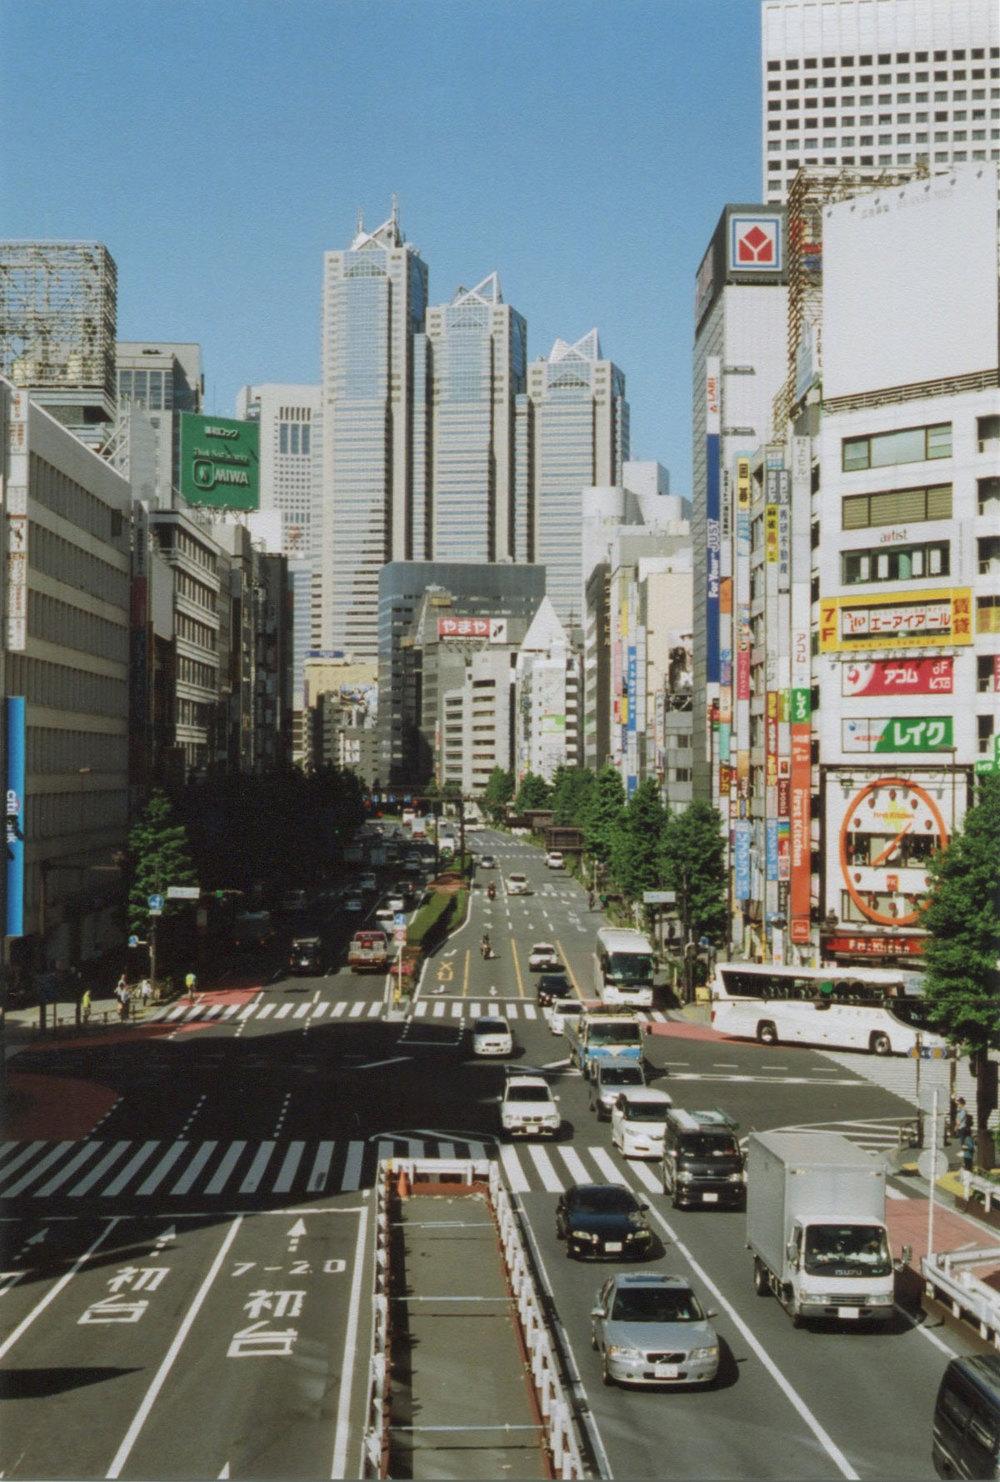 Japan_35mm_Tokyo_16.jpg